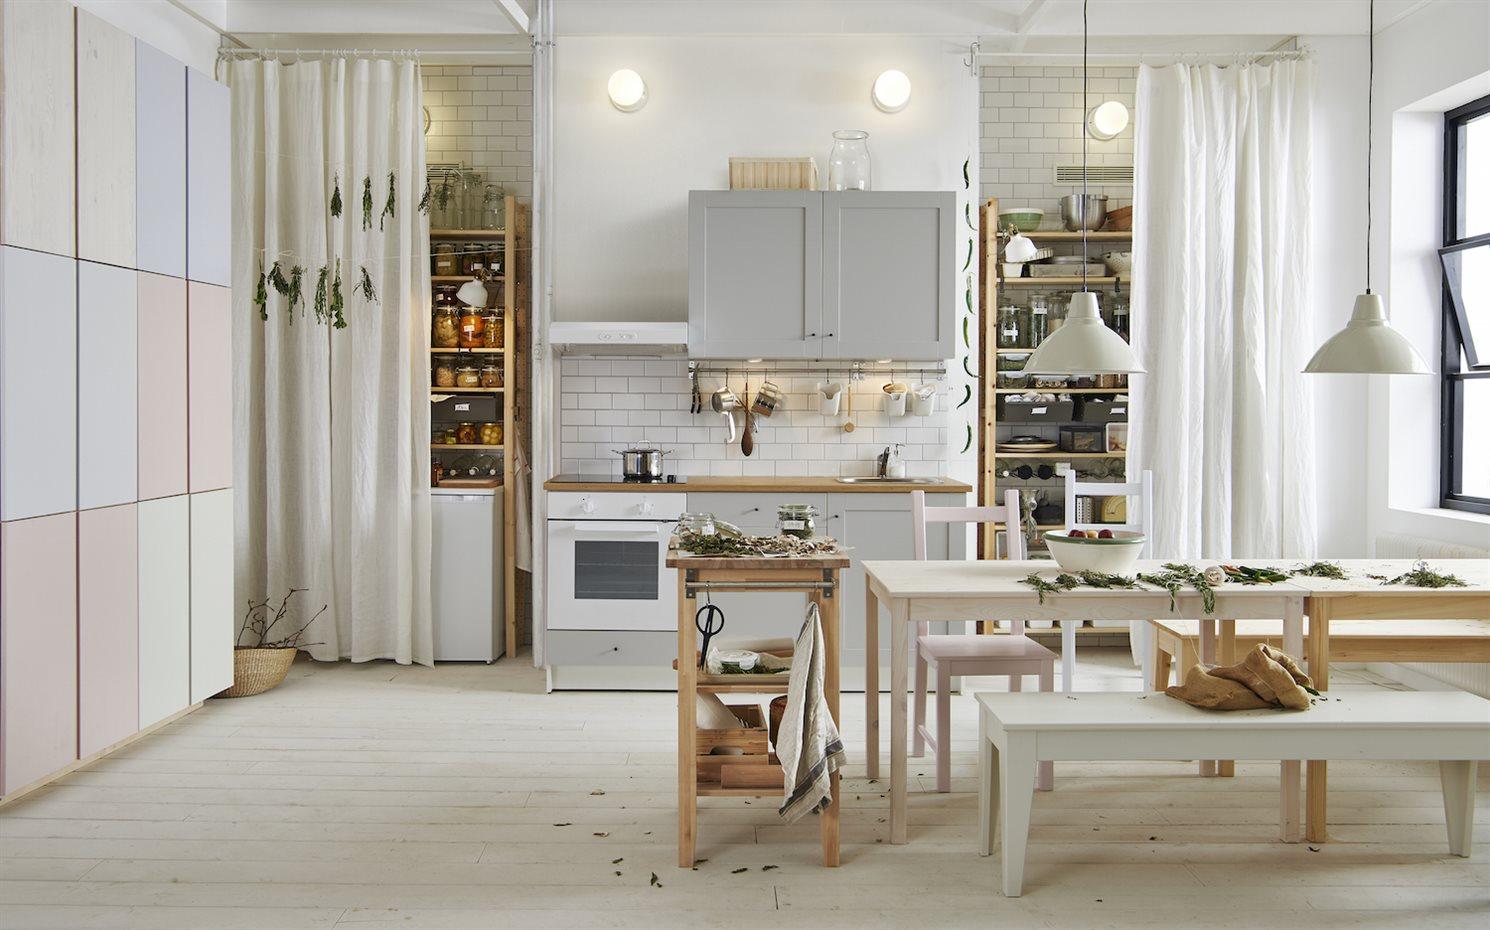 Las sorprendentes novedades del cat logo ikea 2017 - Ikea cajones cocina ...